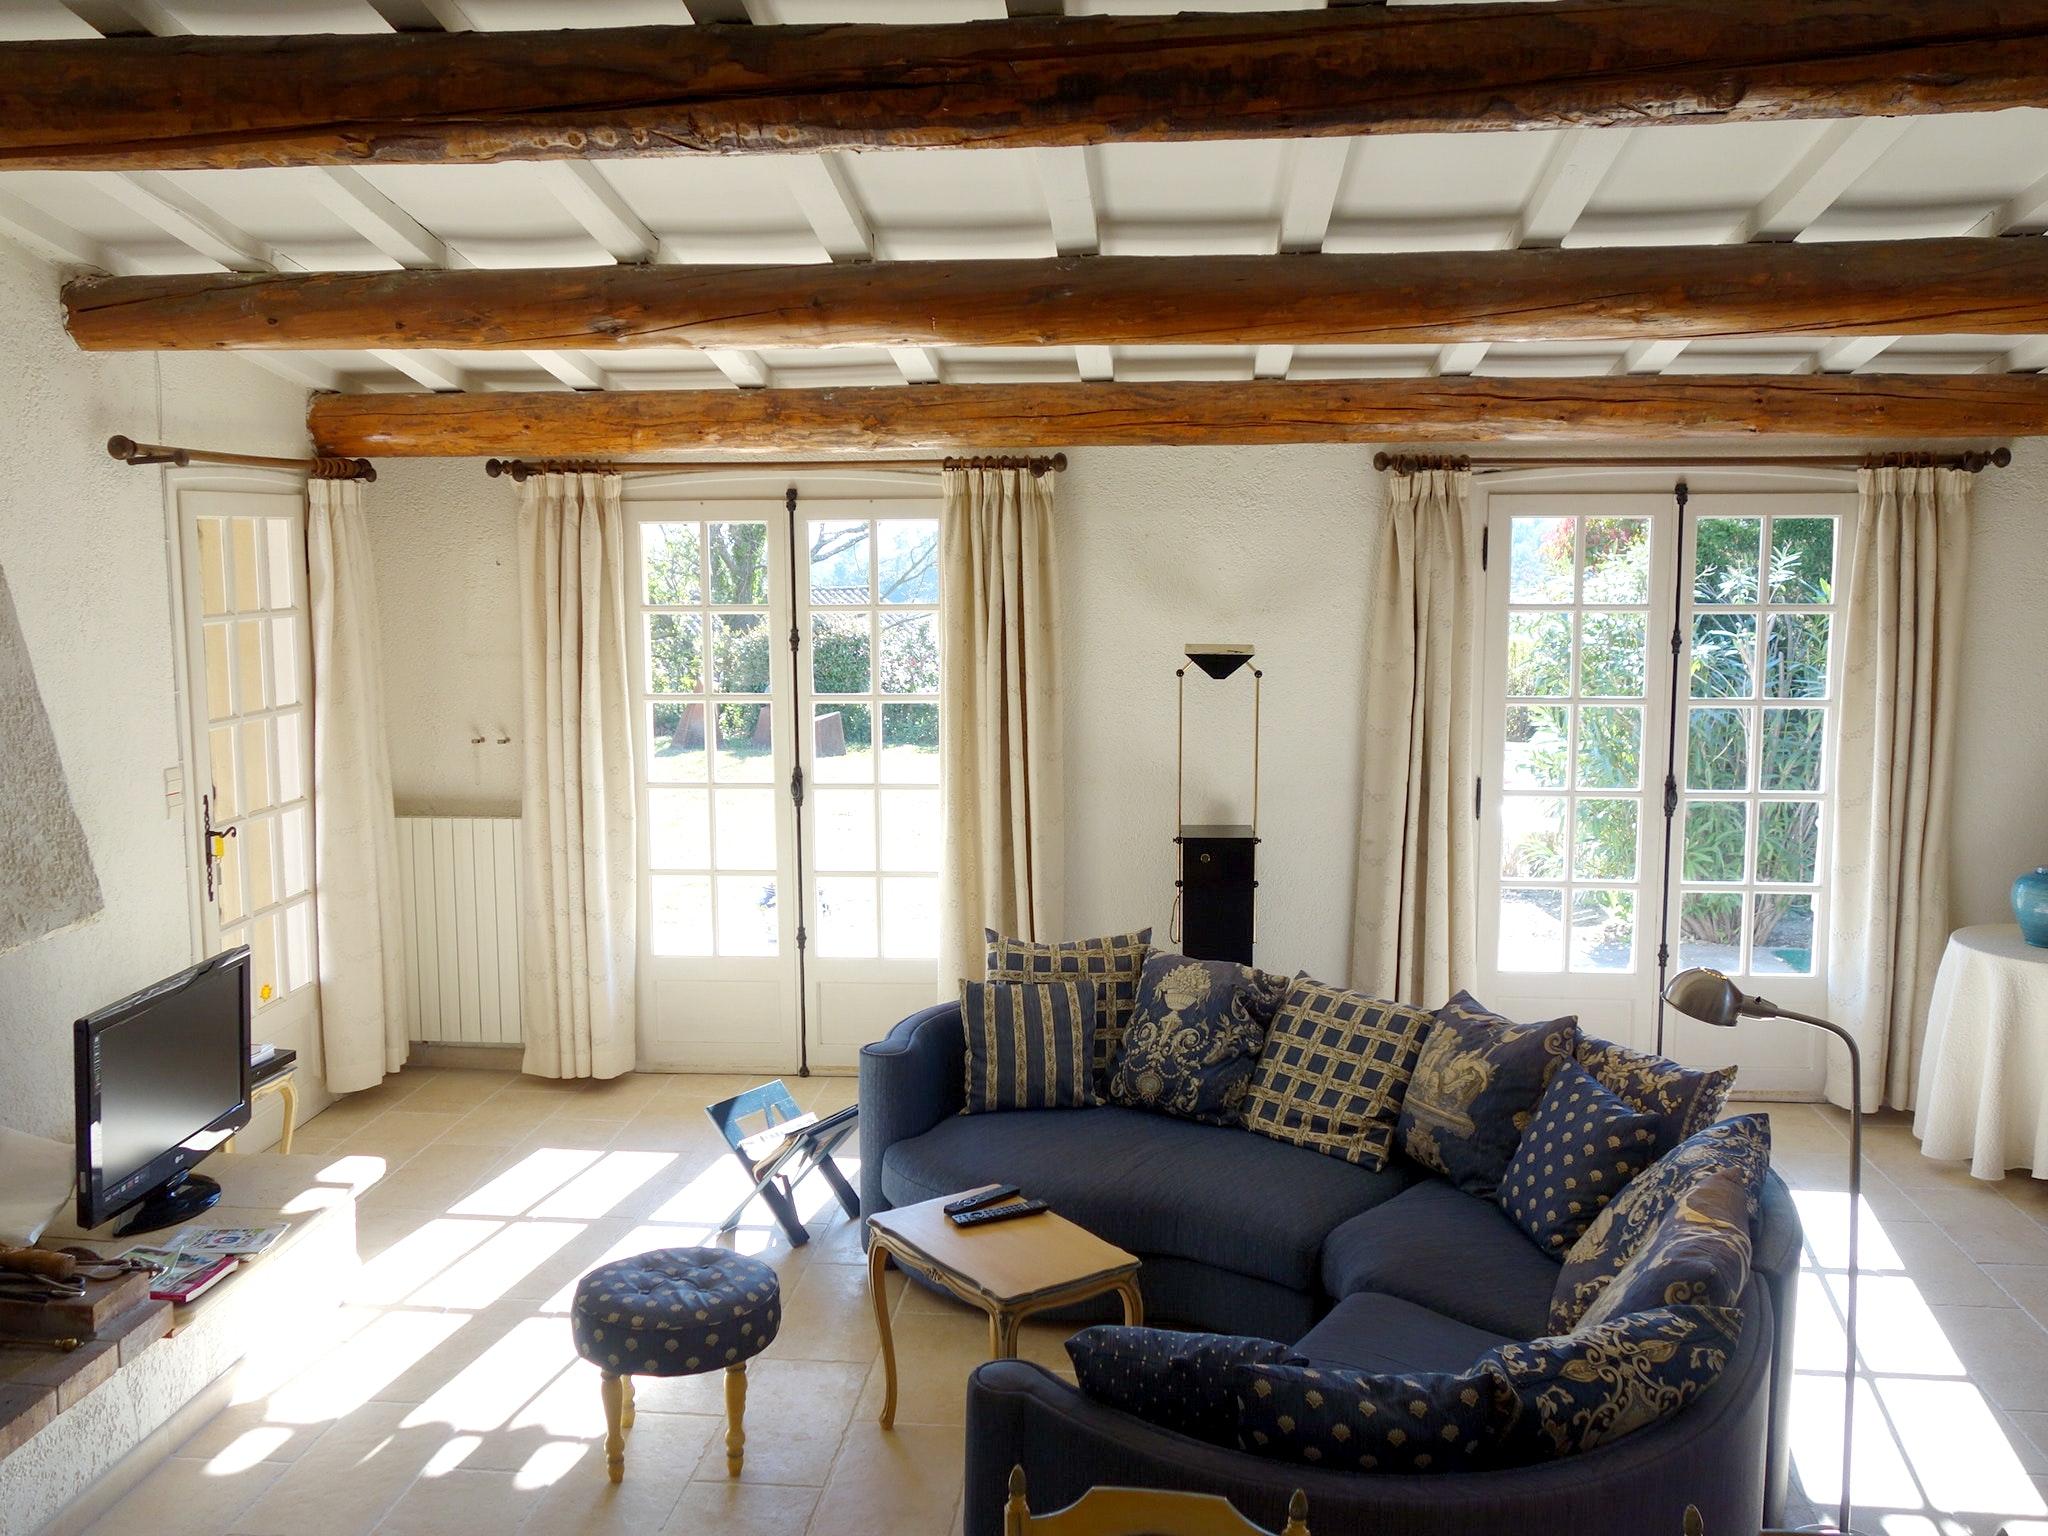 Ferienhaus Villa mit 4 Schlafzimmern in Pernes-les-Fontaines mit toller Aussicht auf die Berge, priva (2519446), Pernes les Fontaines, Saône-et-Loire, Burgund, Frankreich, Bild 29